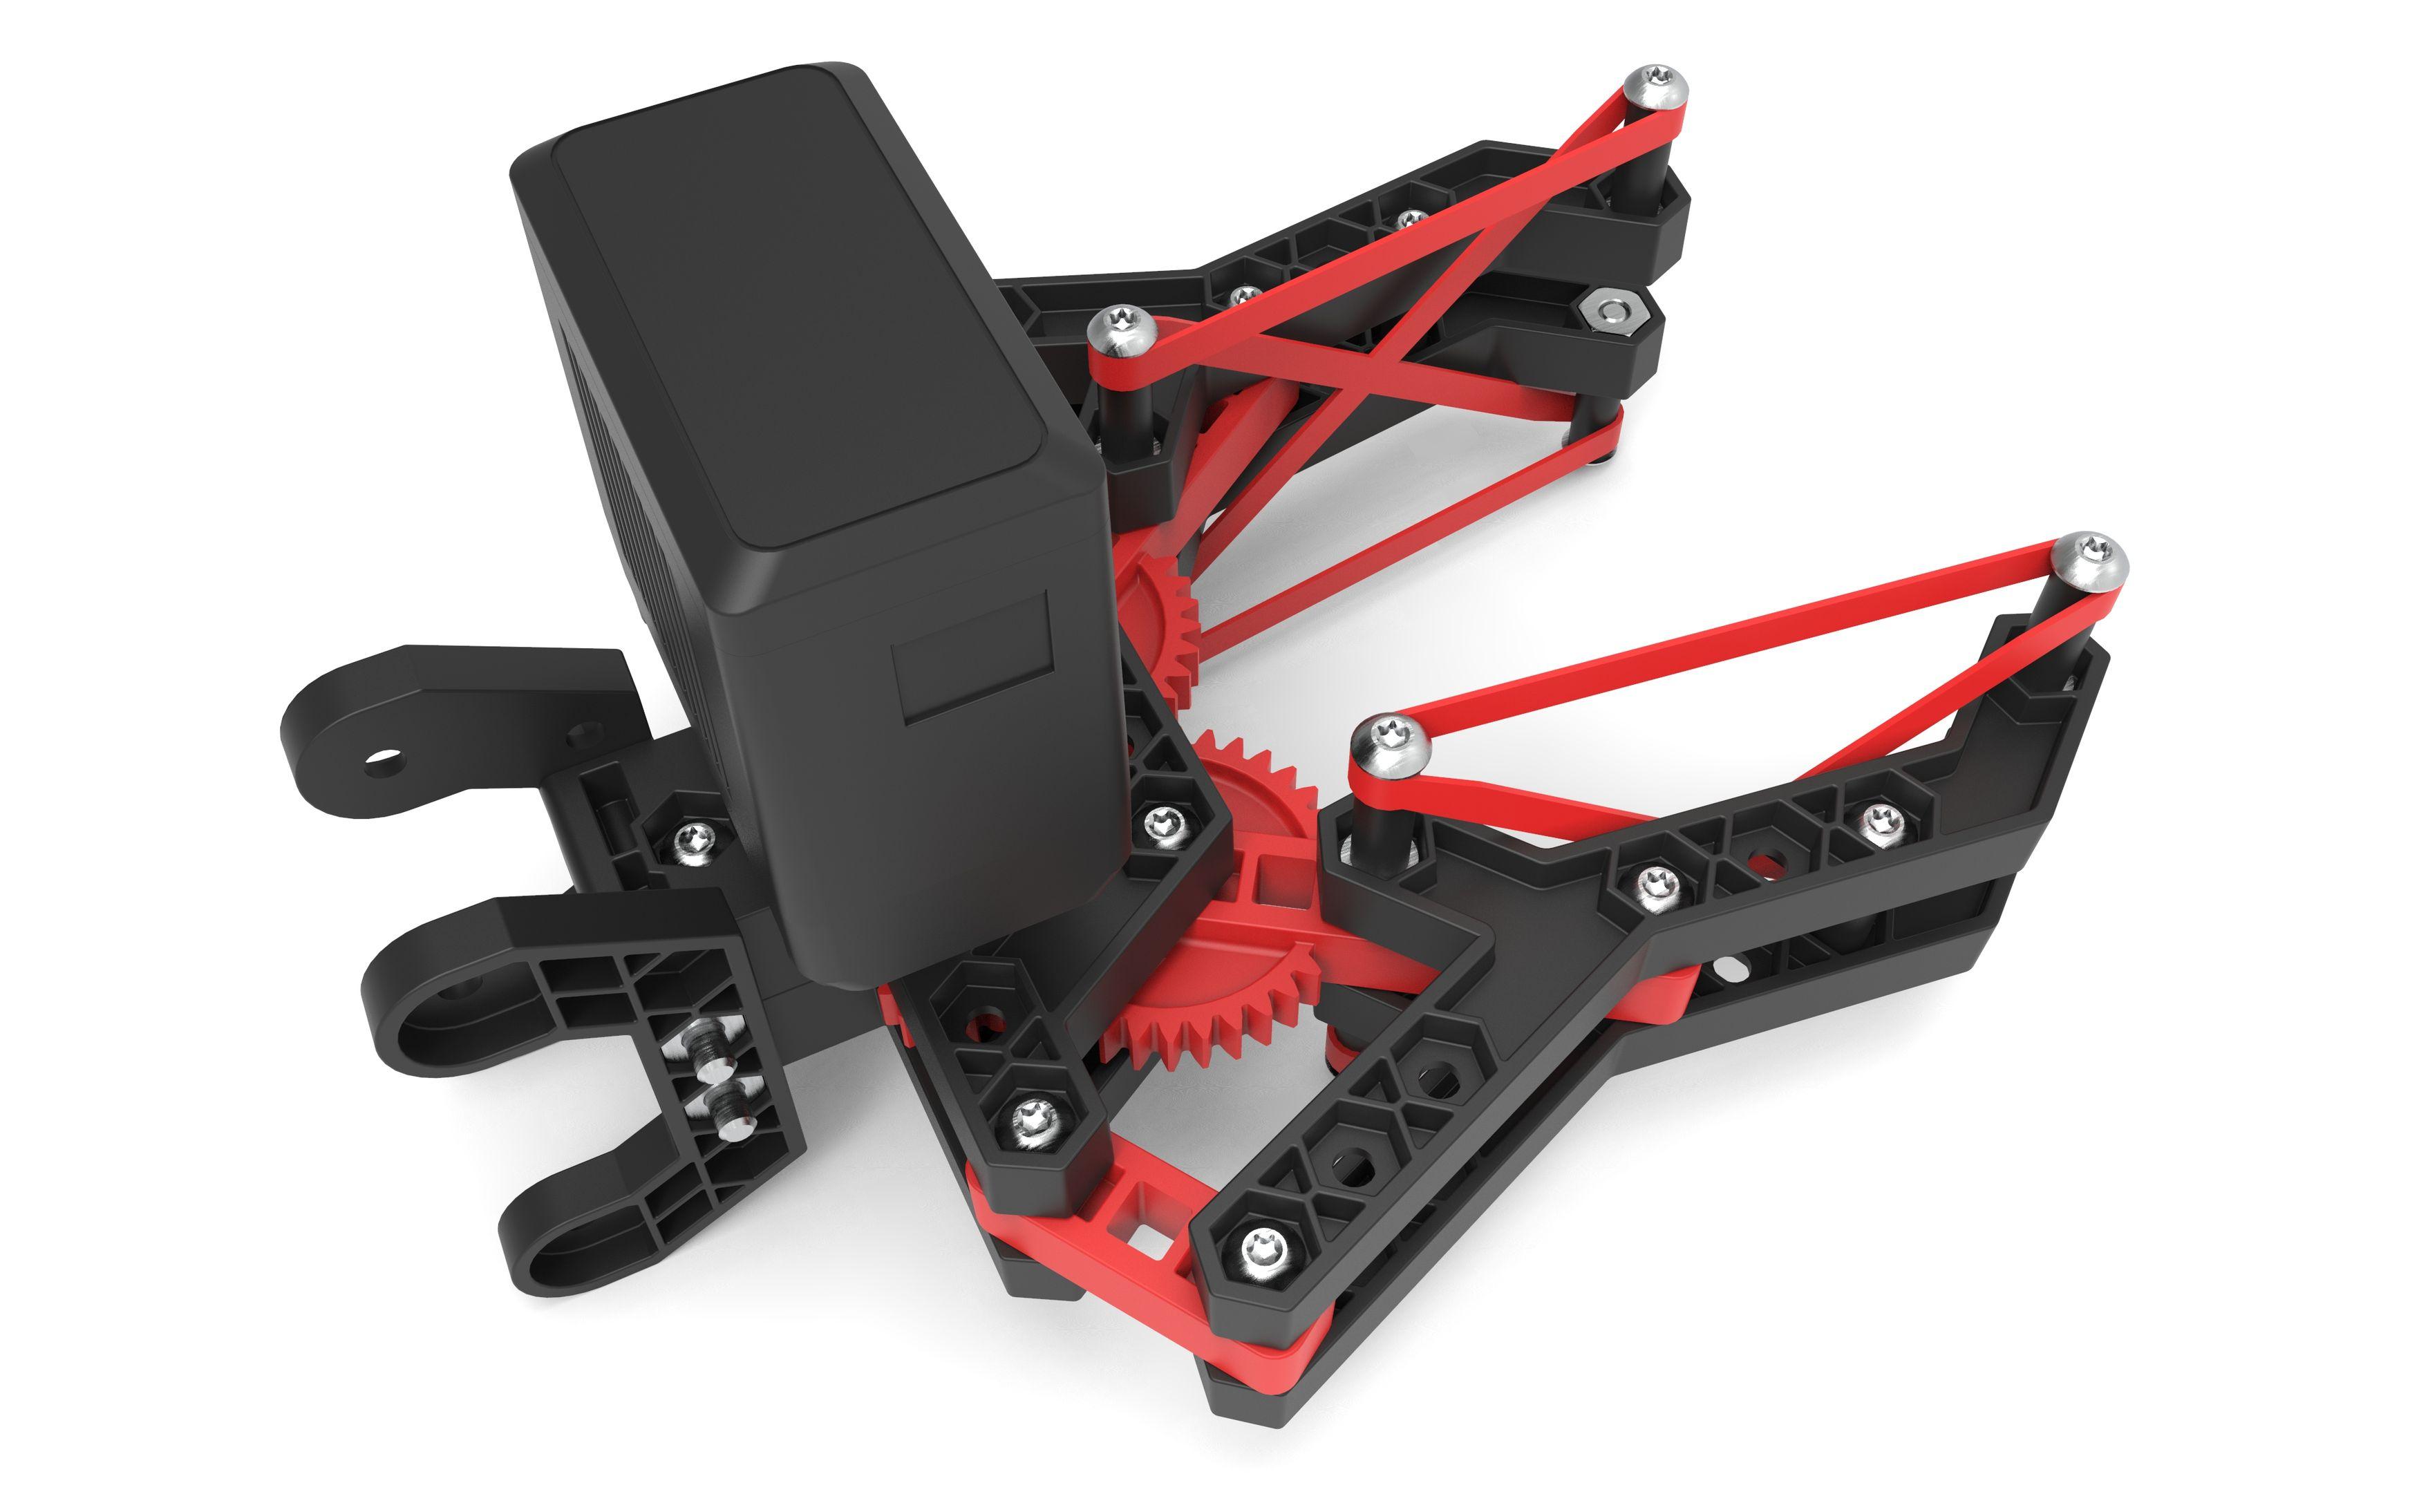 Vex-robotics-v5-design-fabrica-de-nerdes-1-3500-3500